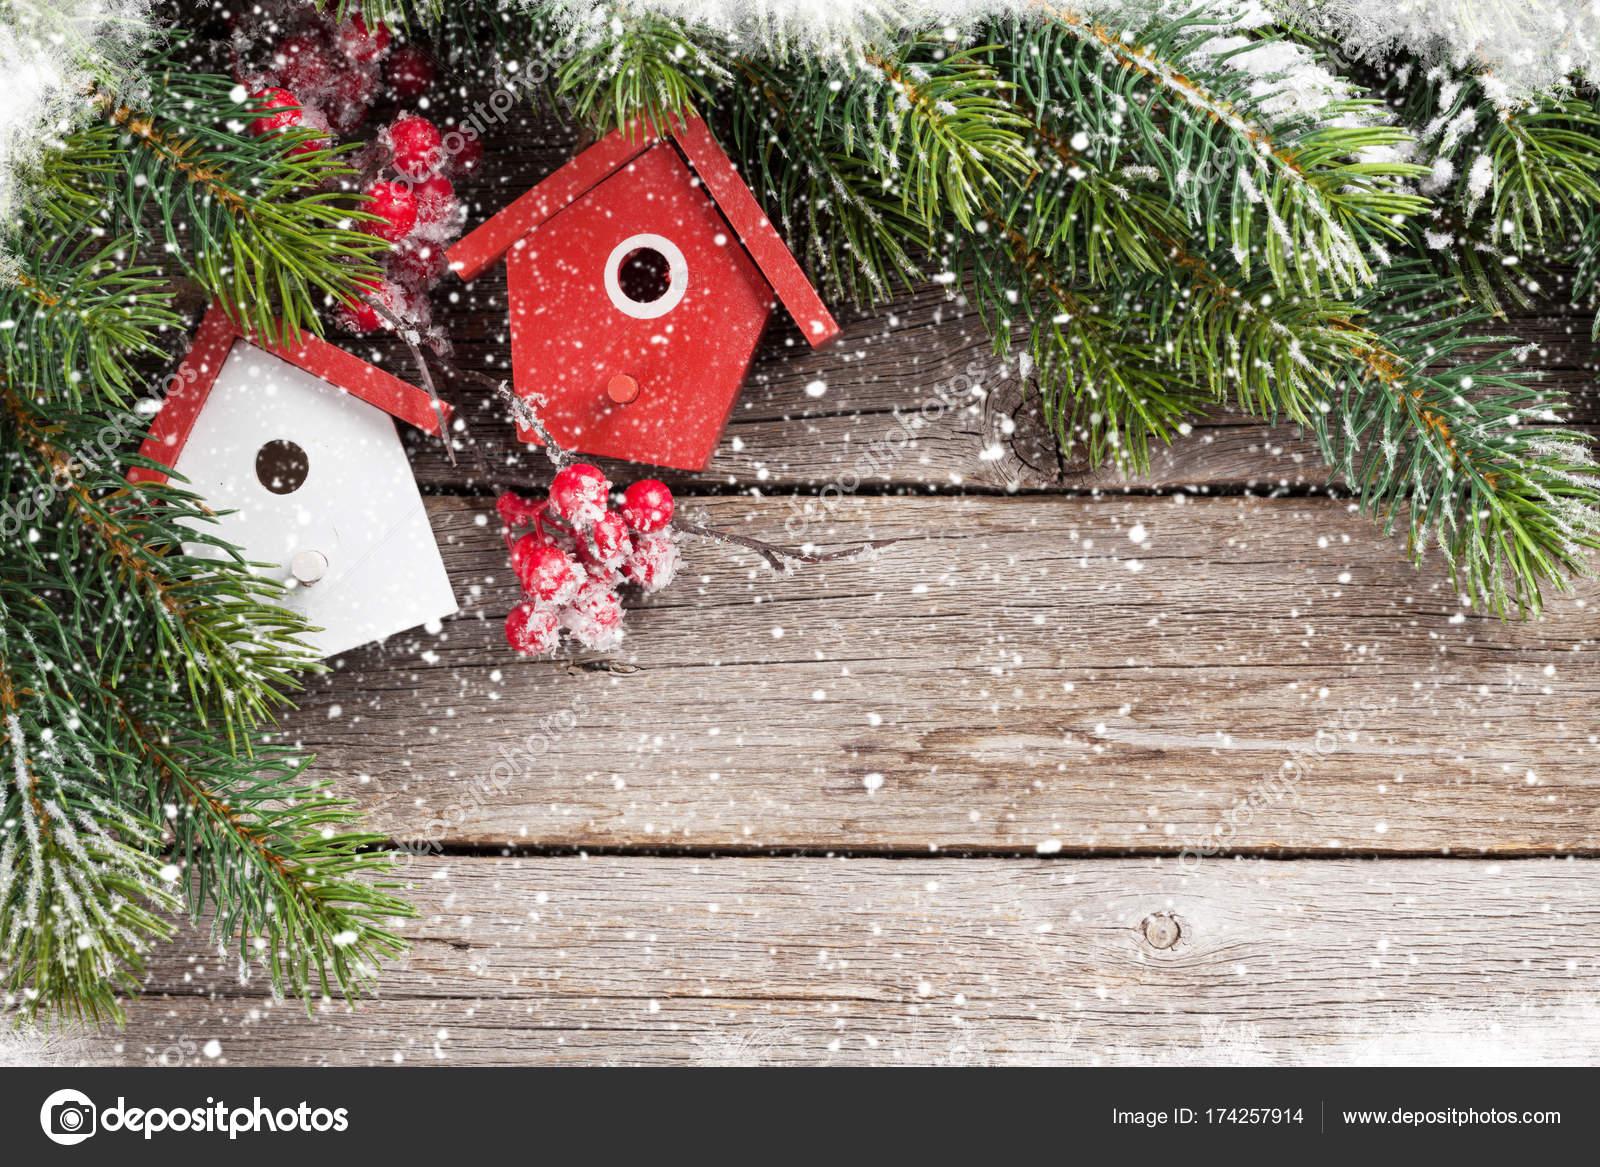 Christmas Birdhouses.Christmas Birdhouses Decor And Fir Tree Stock Photo